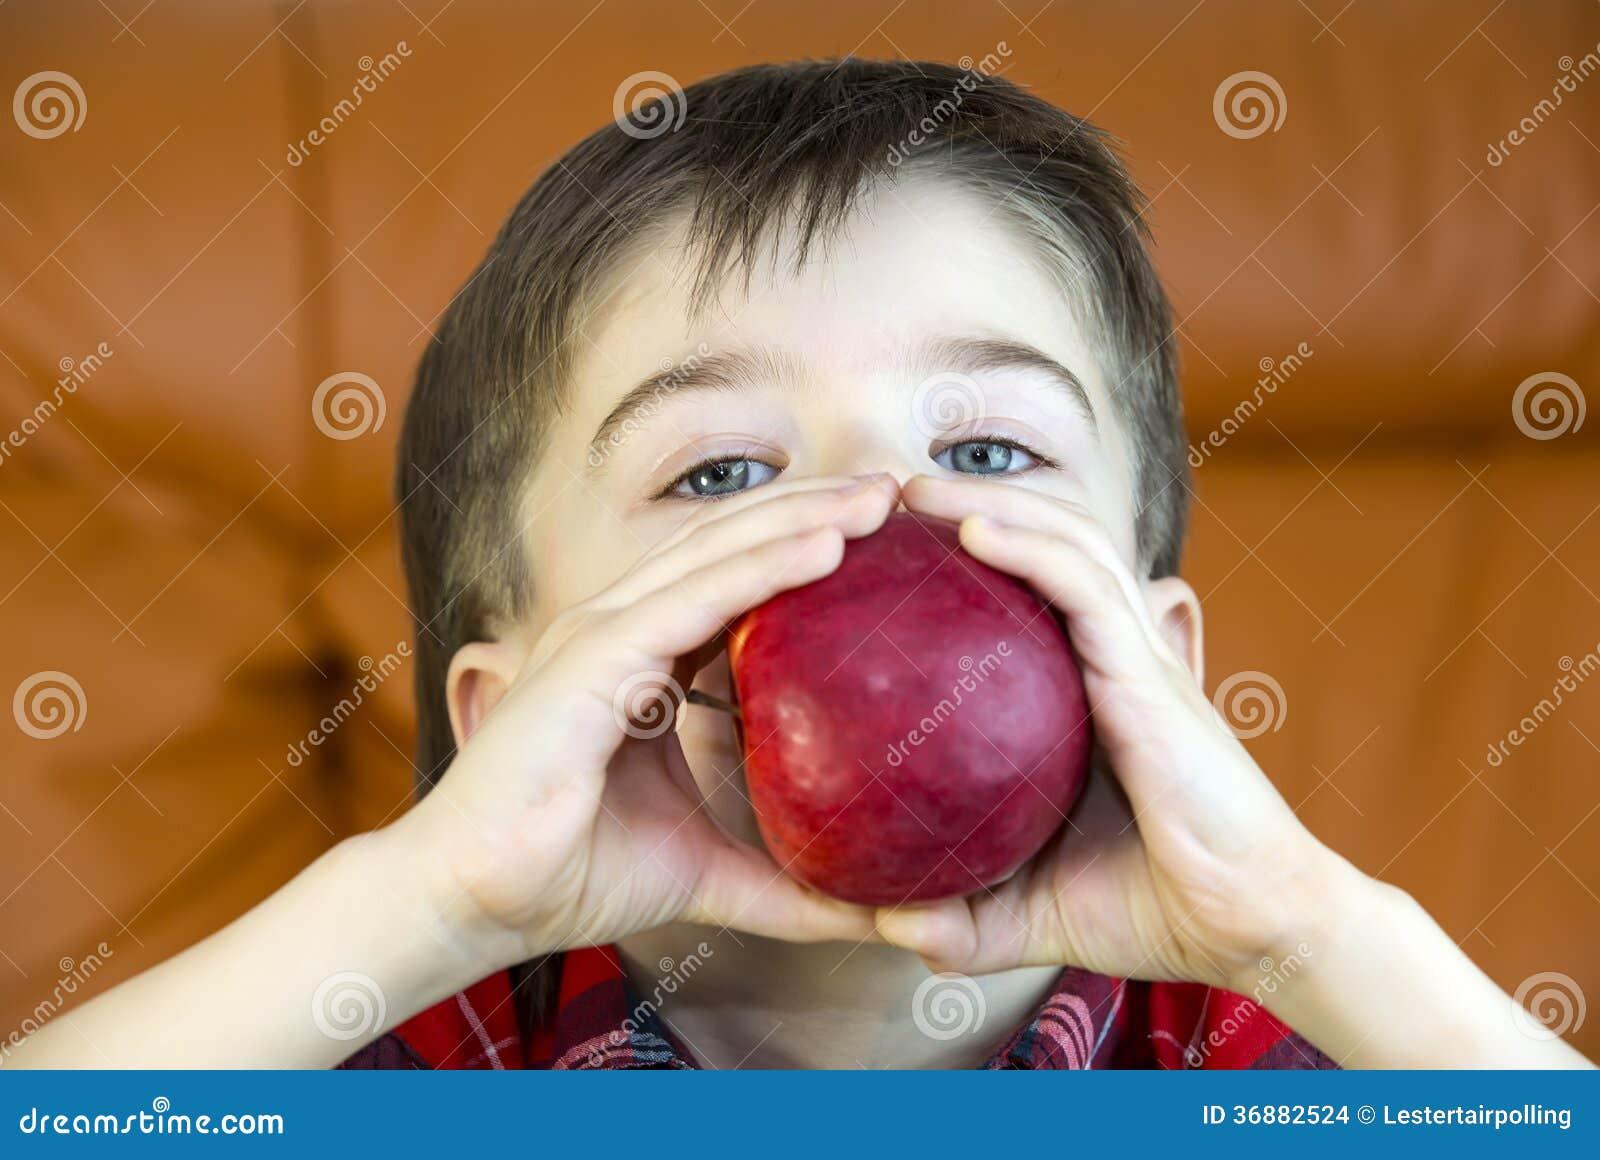 Download Bambini fotografia stock. Immagine di visualizzazione - 36882524